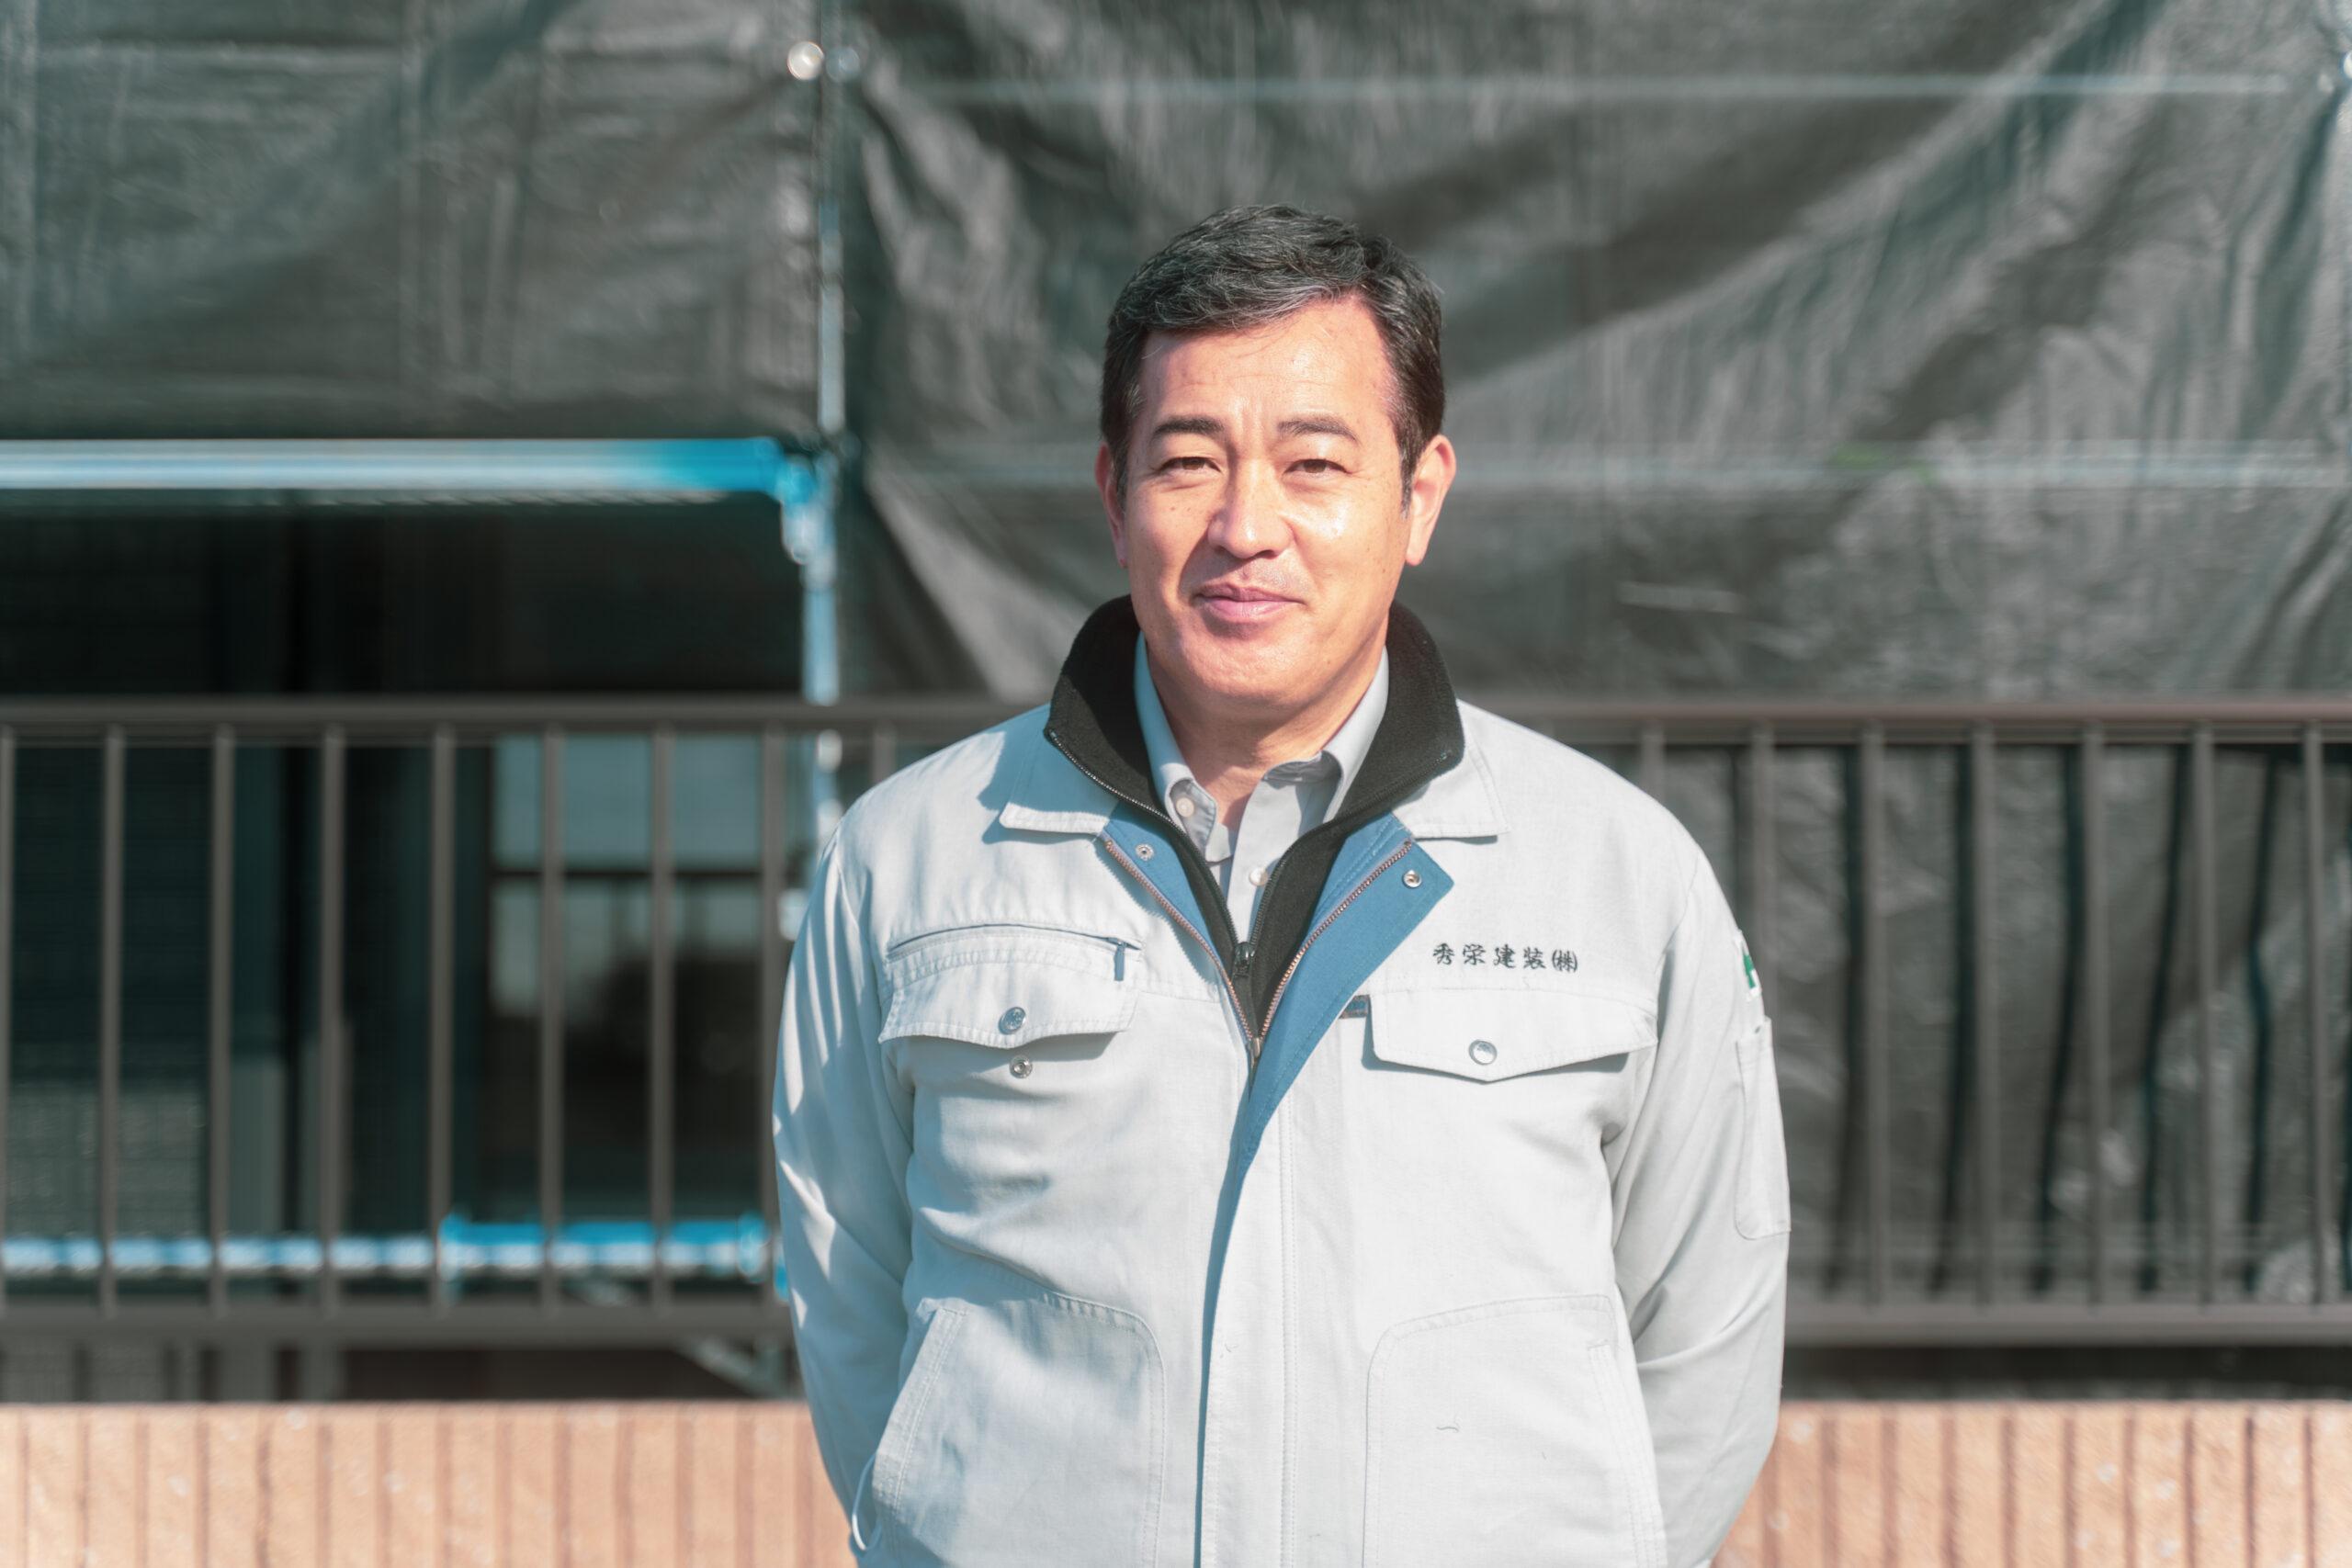 秀栄建装株式会社 代表取締役 有鹿秀樹